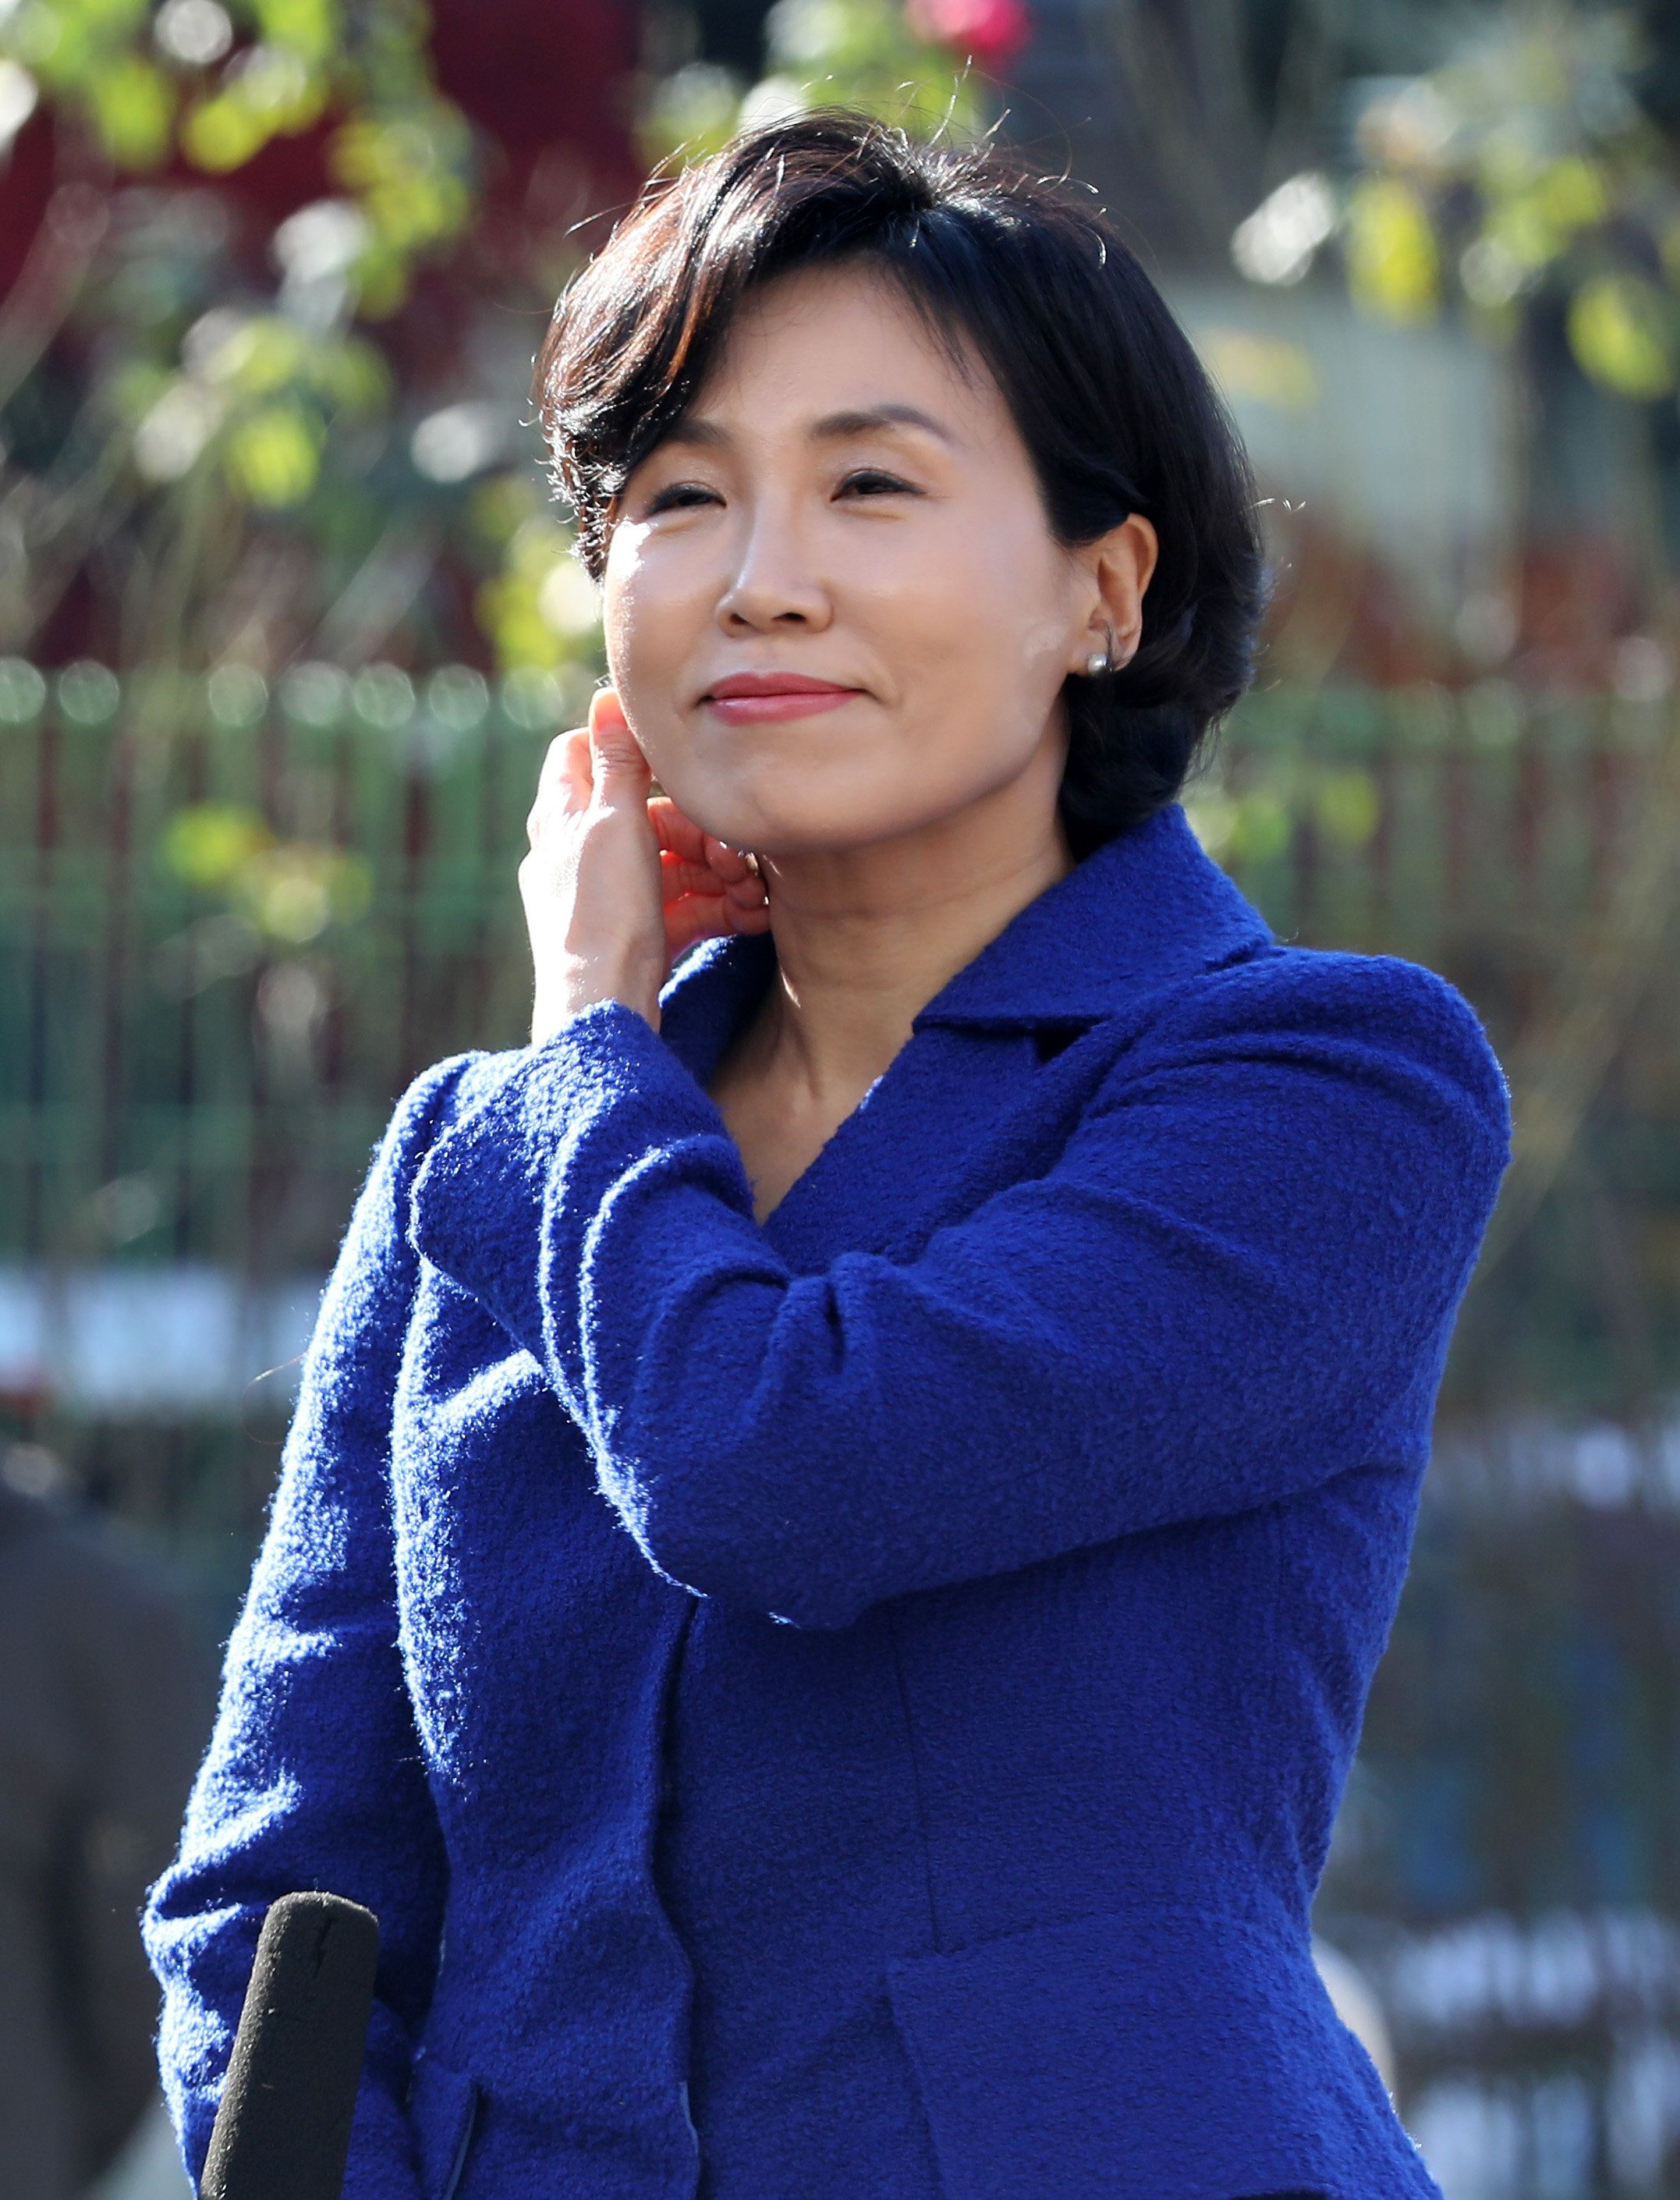 경찰이 '혜경궁 김씨는 이재명 부인' 결론 내린 증거